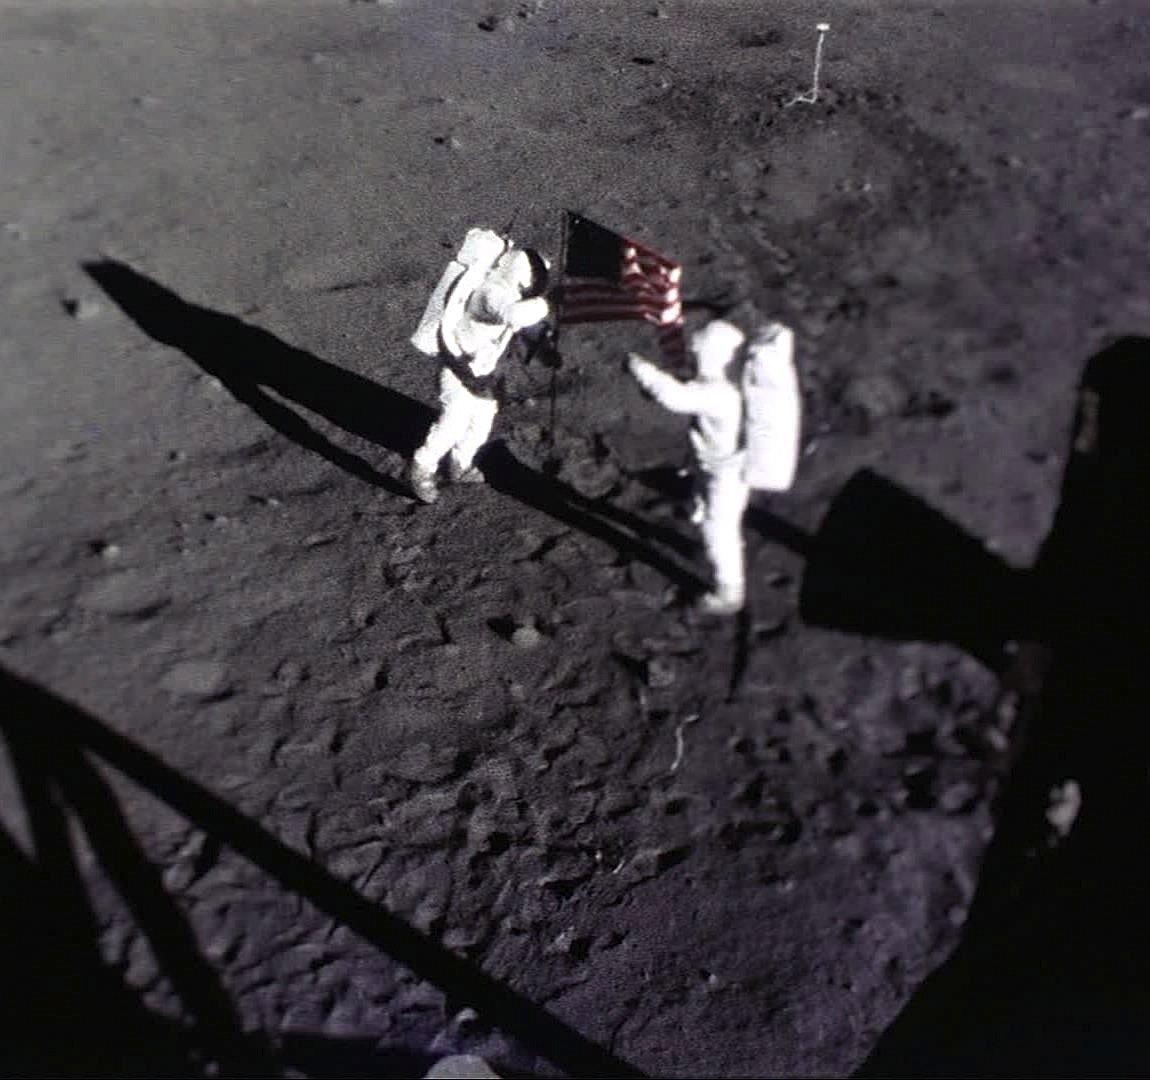 Historischer Moment: Die Astronauten Neil Armstrong und Edwin Buzz Aldrin hießen am 21. Juli 1969 die amerikanische Flagge auf dem Mond.